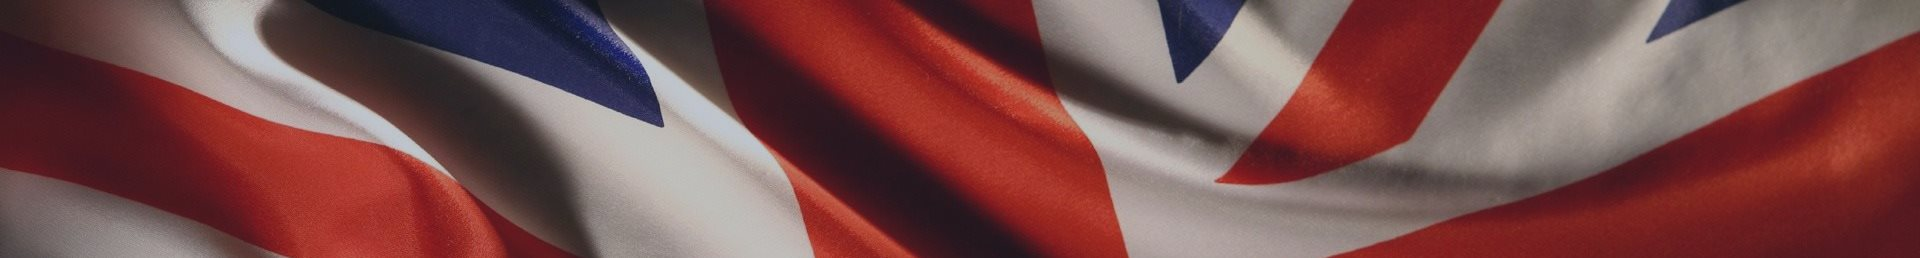 АНАЛИЗ НОВОСТНОГО ФОНА И ОТБОР ТРЕНДОВЫХ ПАР ДЛЯ ВНУТРИДНЕВНОГО СКАЛЬПИНГА И БИНАРНЫХ ОПЦИОНОВ НА 20.07.2015